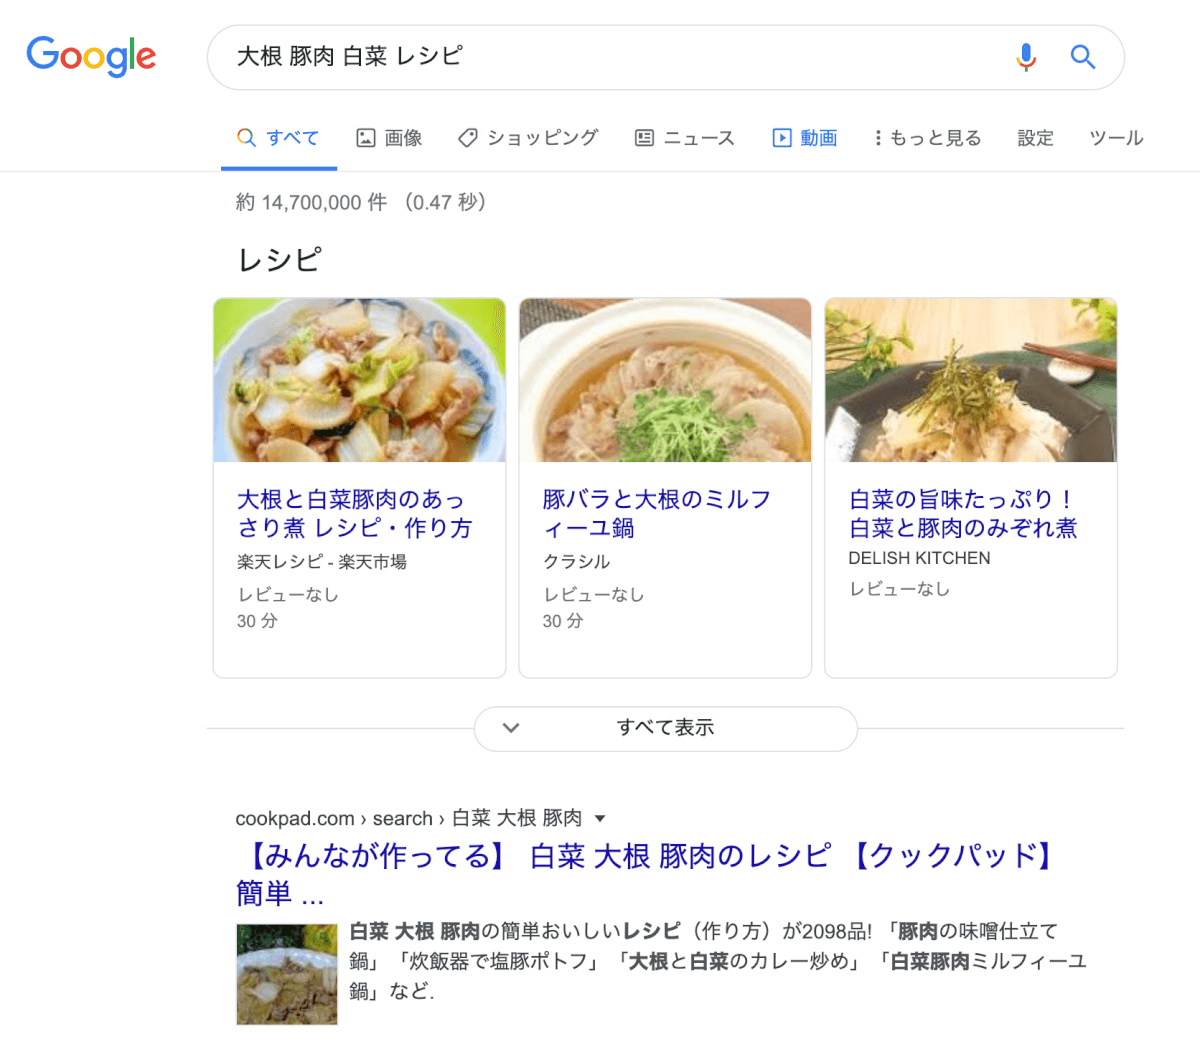 「大根 豚肉 白菜 レシピ」の検索結果